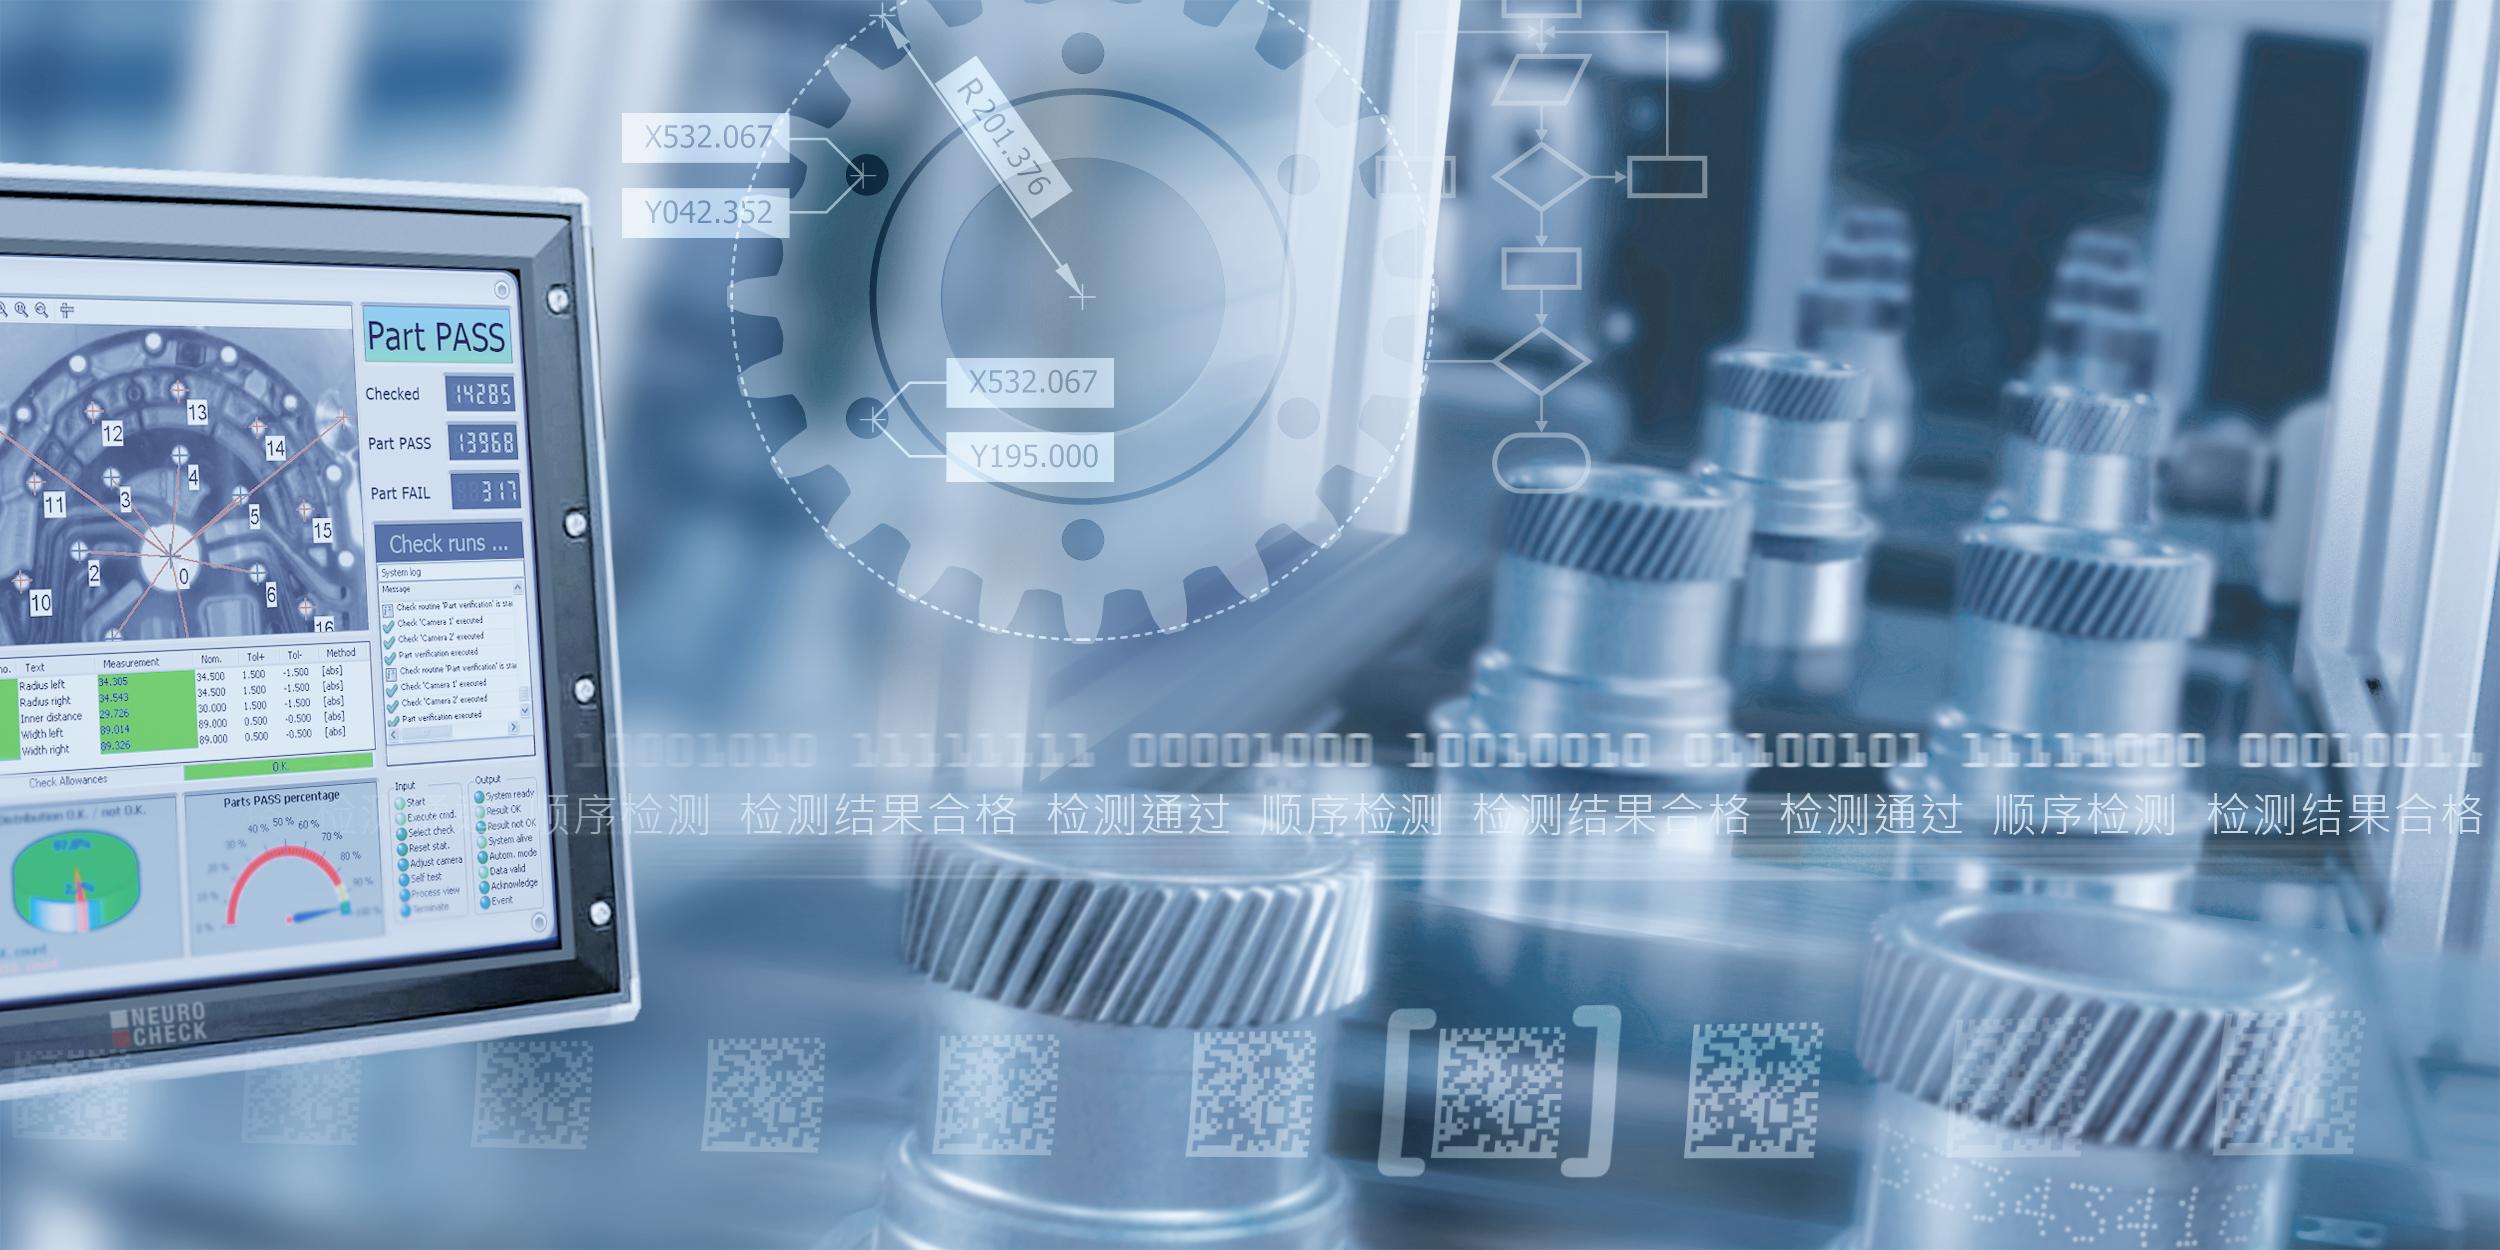 NeuroCheck Geschäftsbereich Applikation - Systemlösung, Sichtprüfung, Kameraprüfung